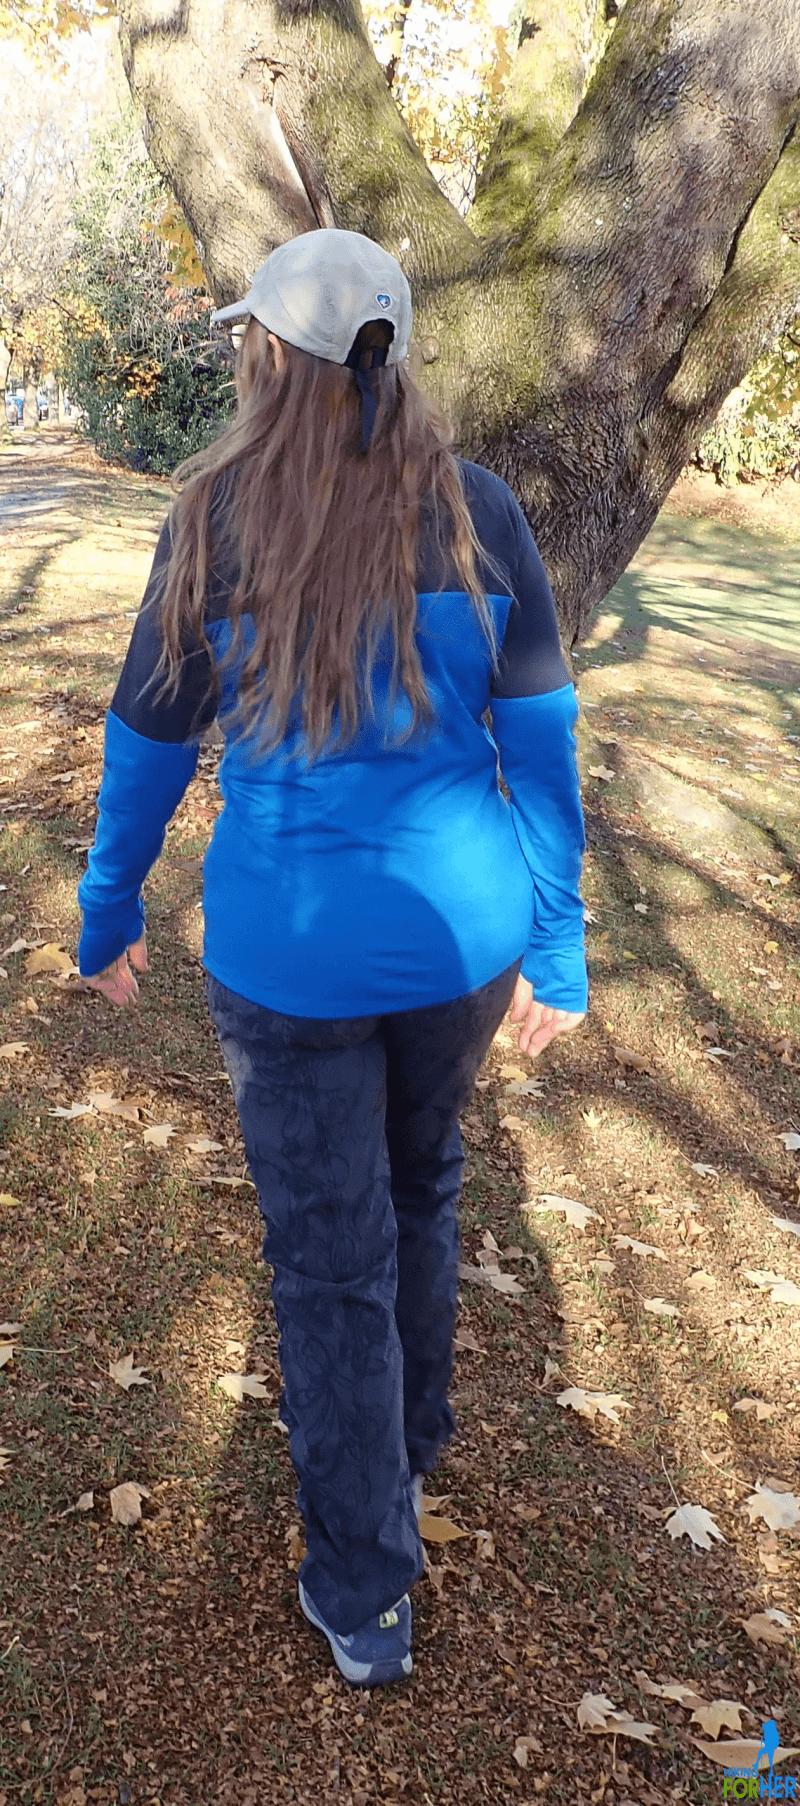 Female hiker walking toward towering tree